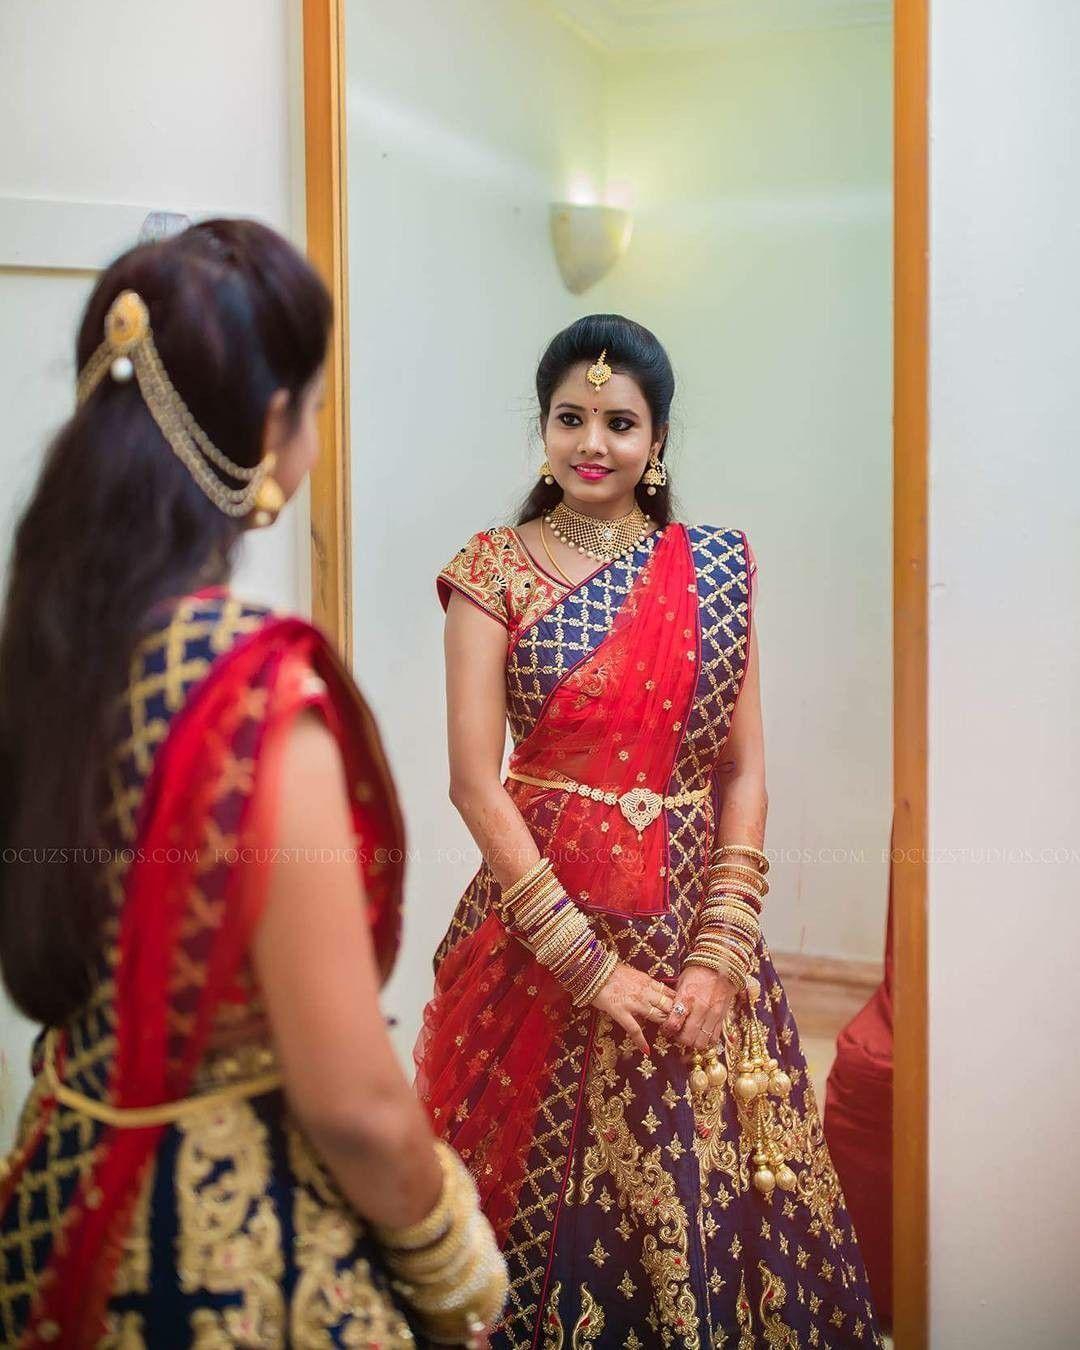 Designer Lehenga Wearing Style Mattal Pose South Indian Wedding Hairstyles Wedding Blouse Designs Bridal Hairstyle Indian Wedding